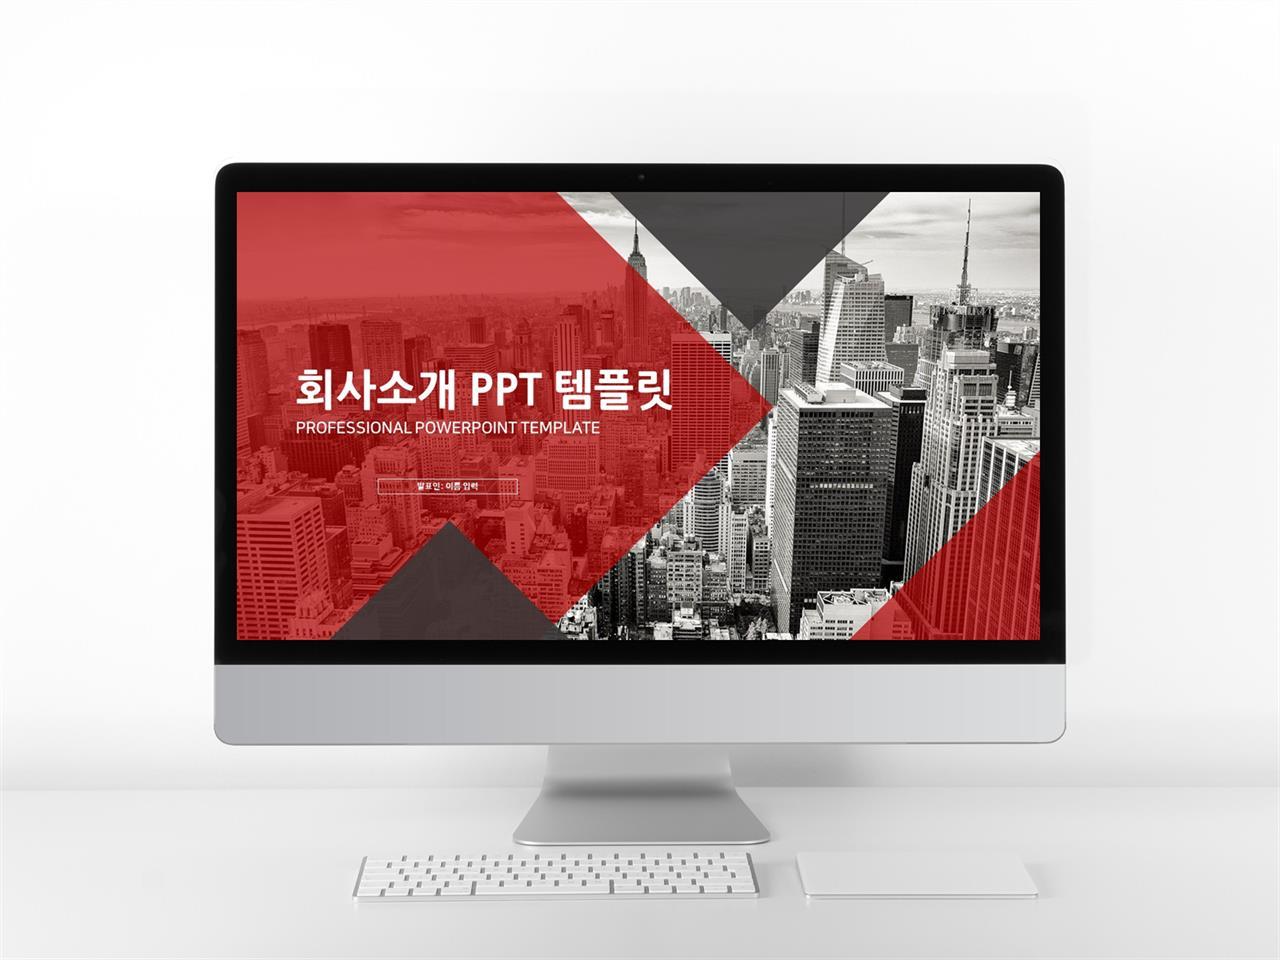 회사홍보 빨간색 폼나는 고퀄리티 POWERPOINT샘플 제작 미리보기